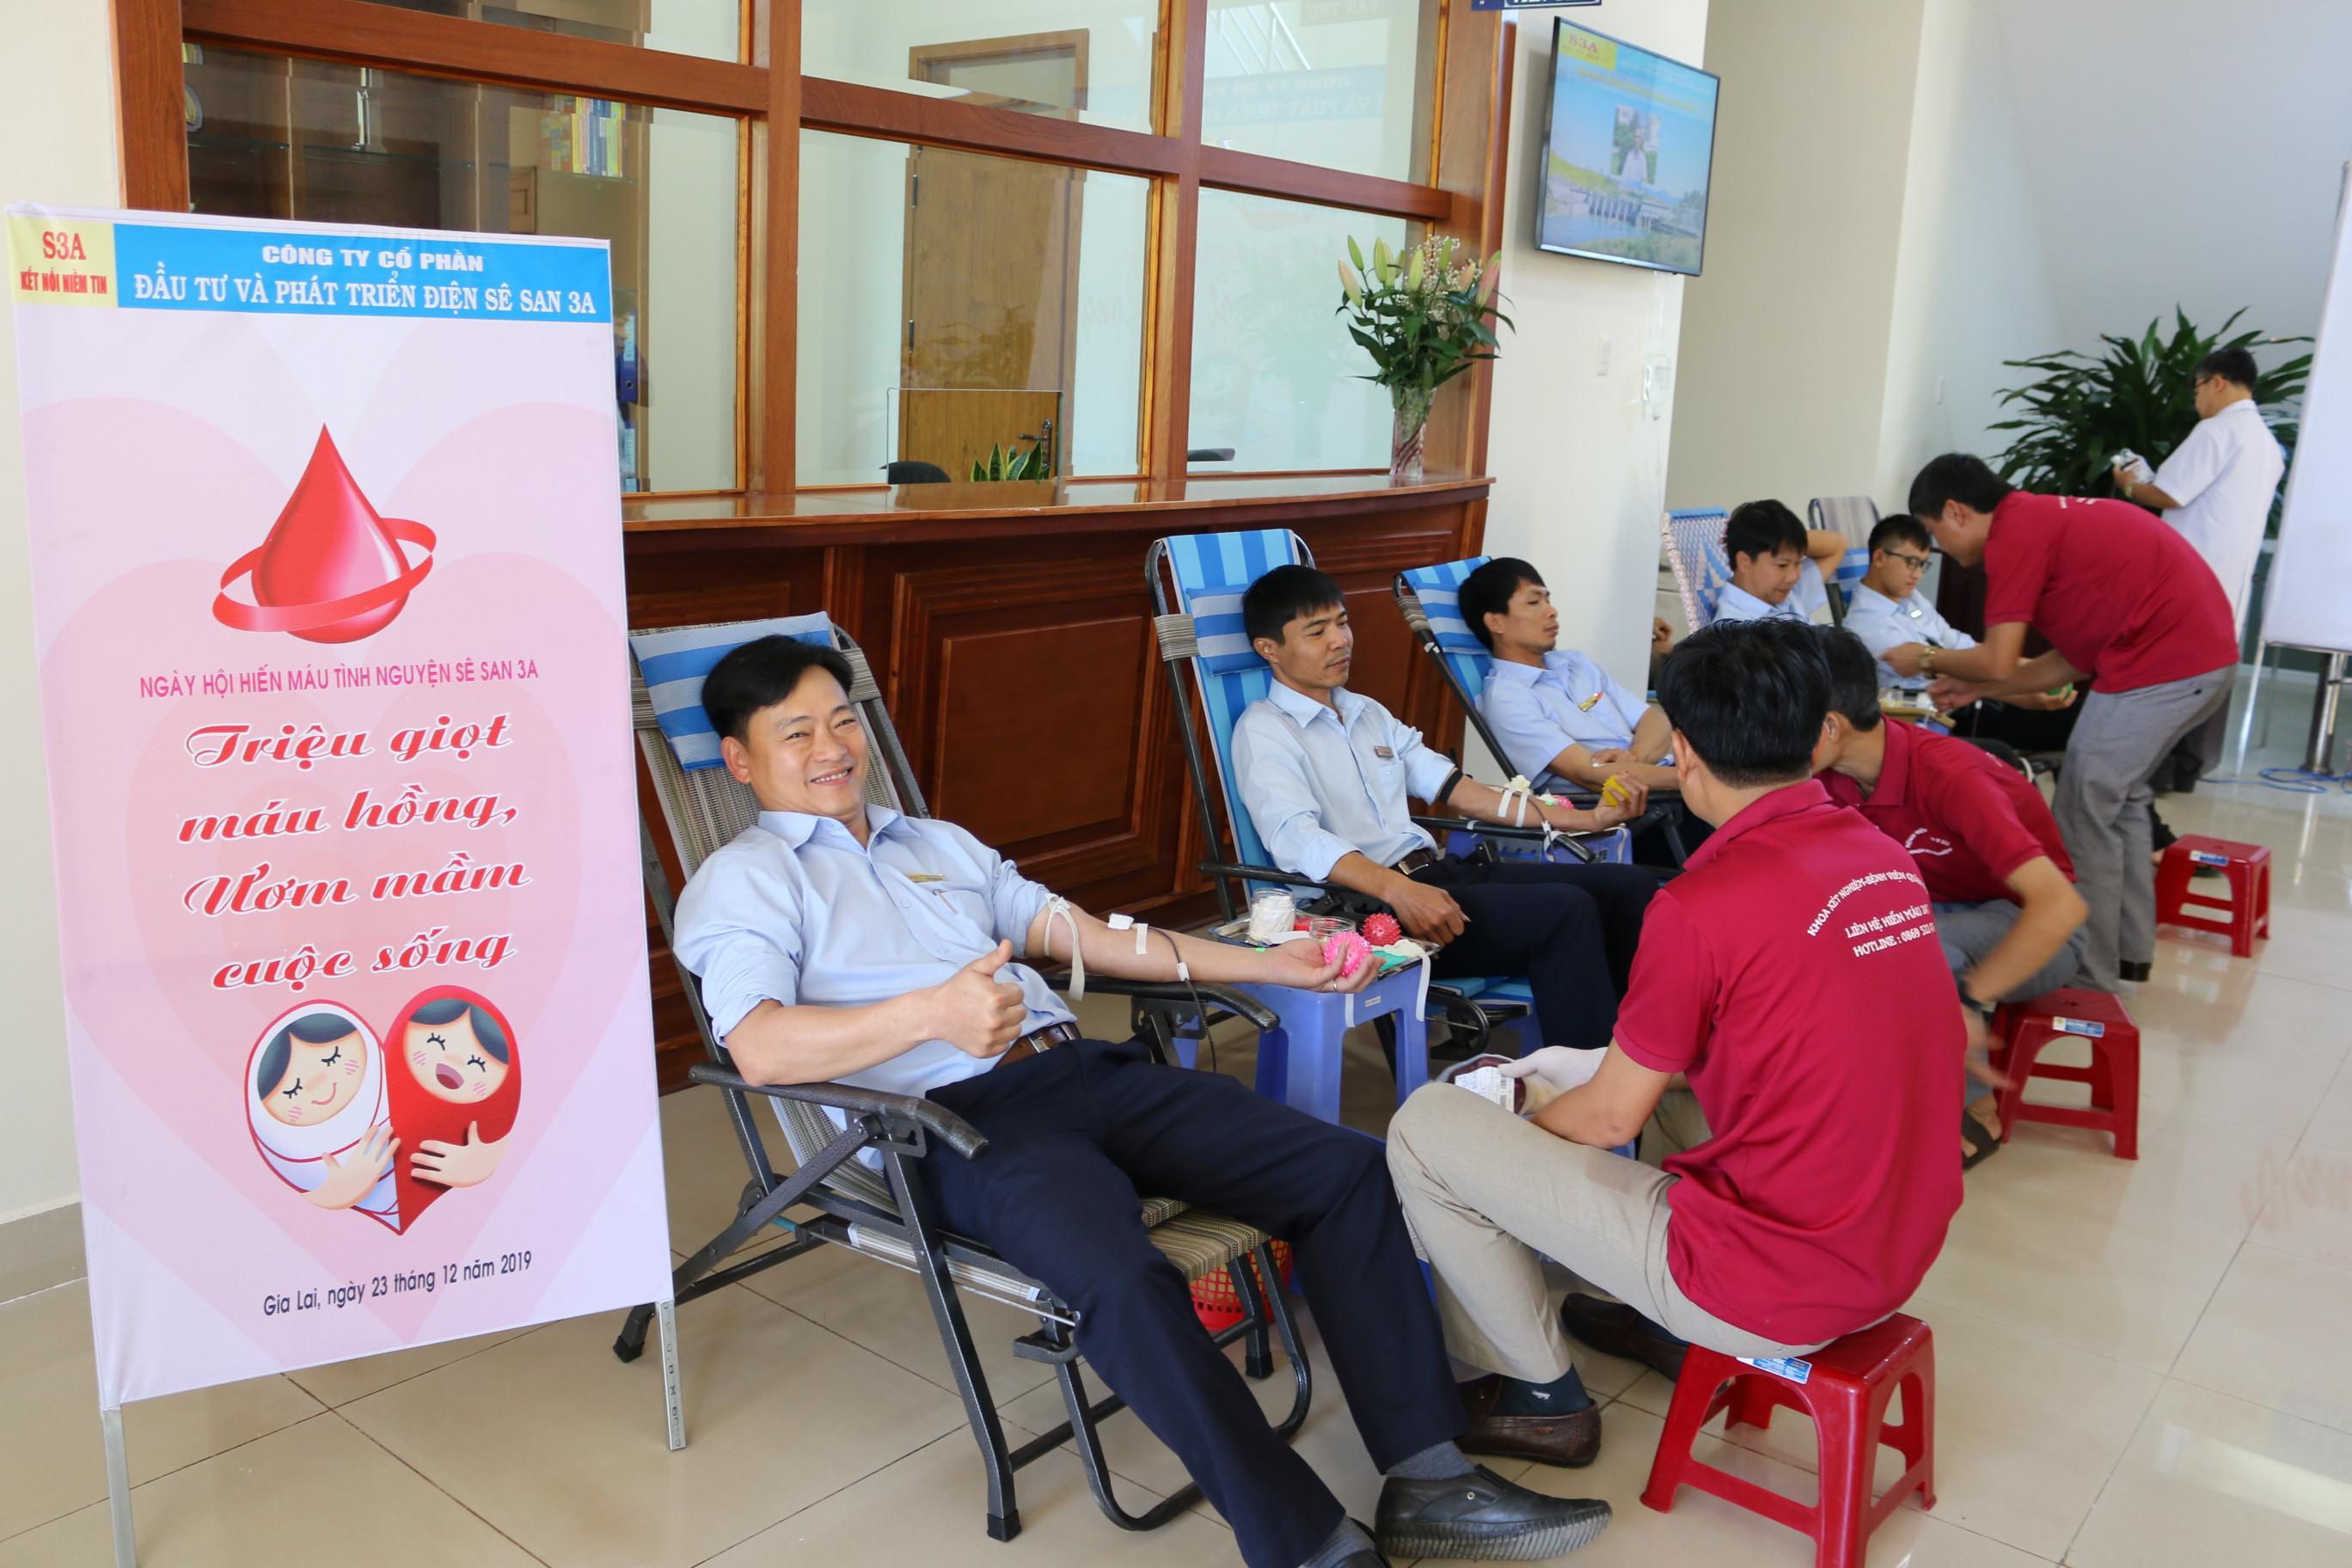 Ngày hội hiến máu tình nguyện Sê San 3A lần thứ 3 năm 2019